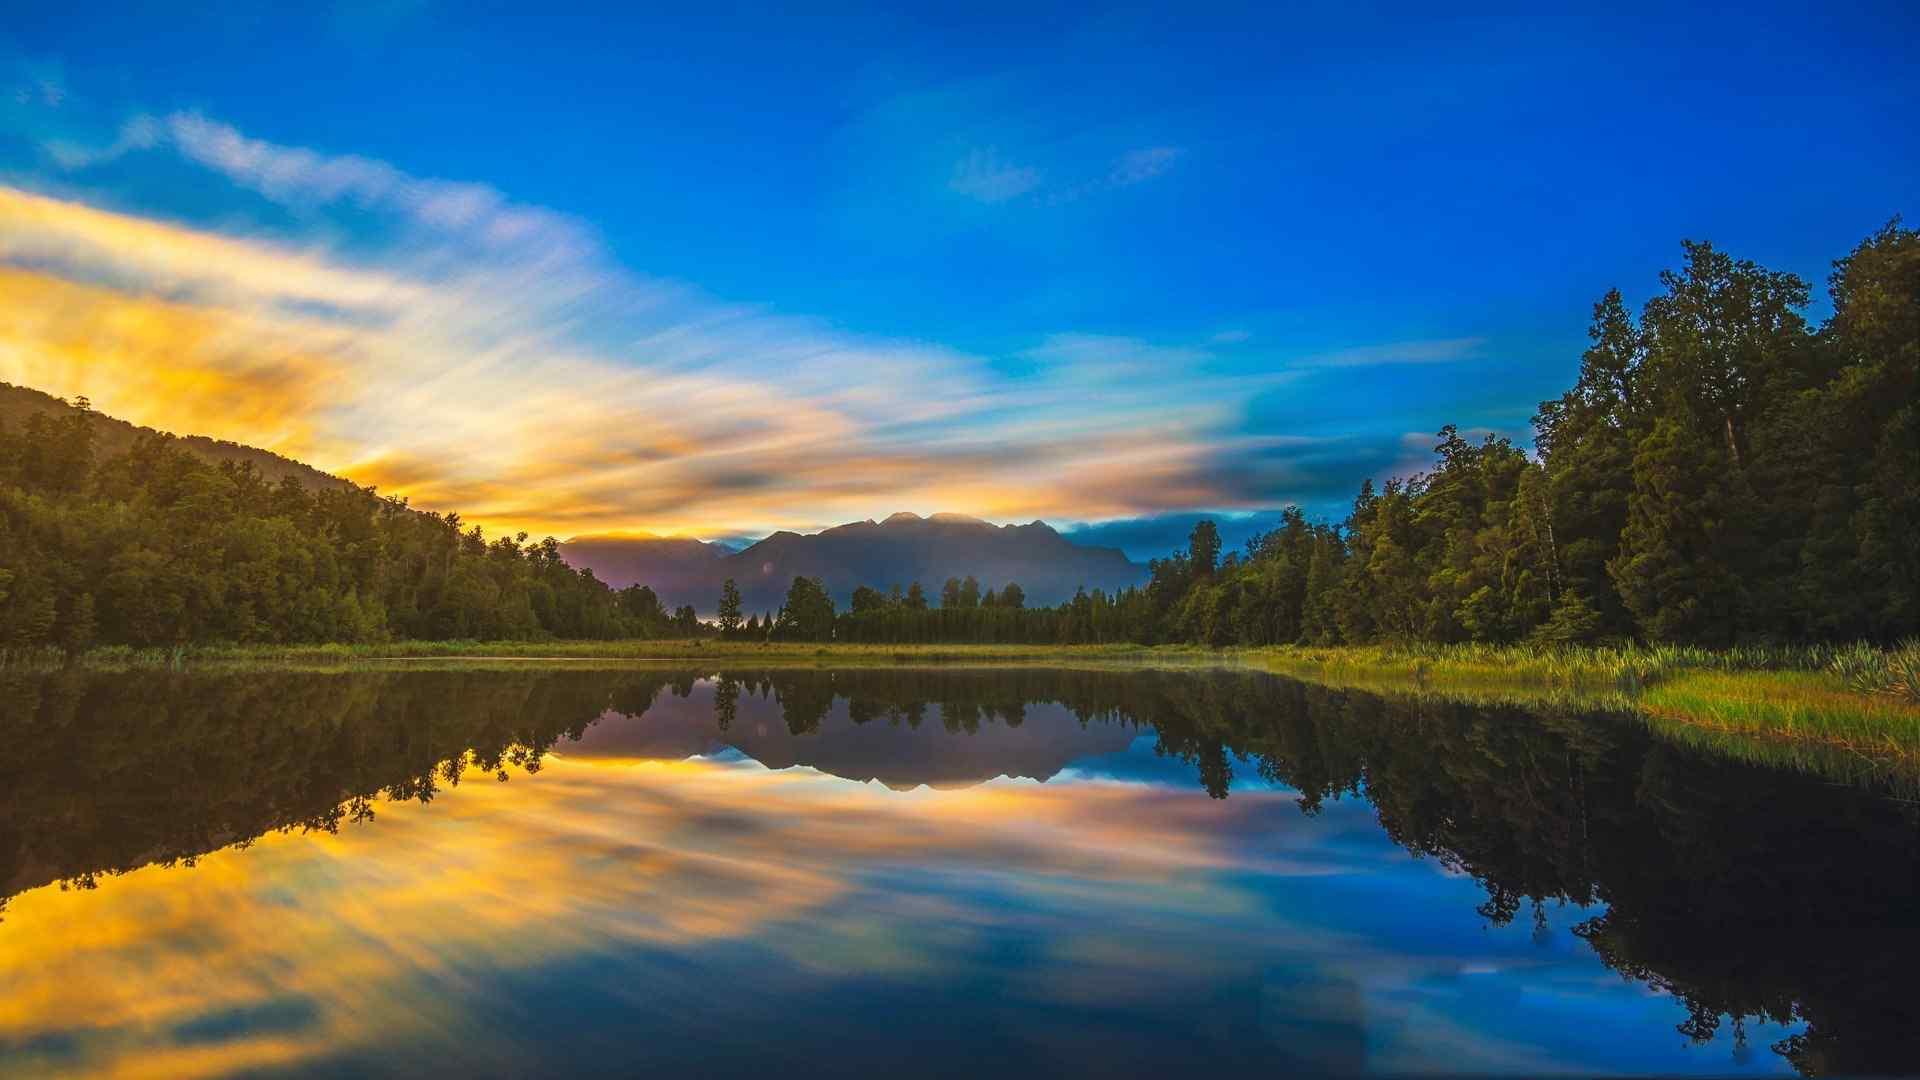 好看的新西蘭風景圖片高清壁紙